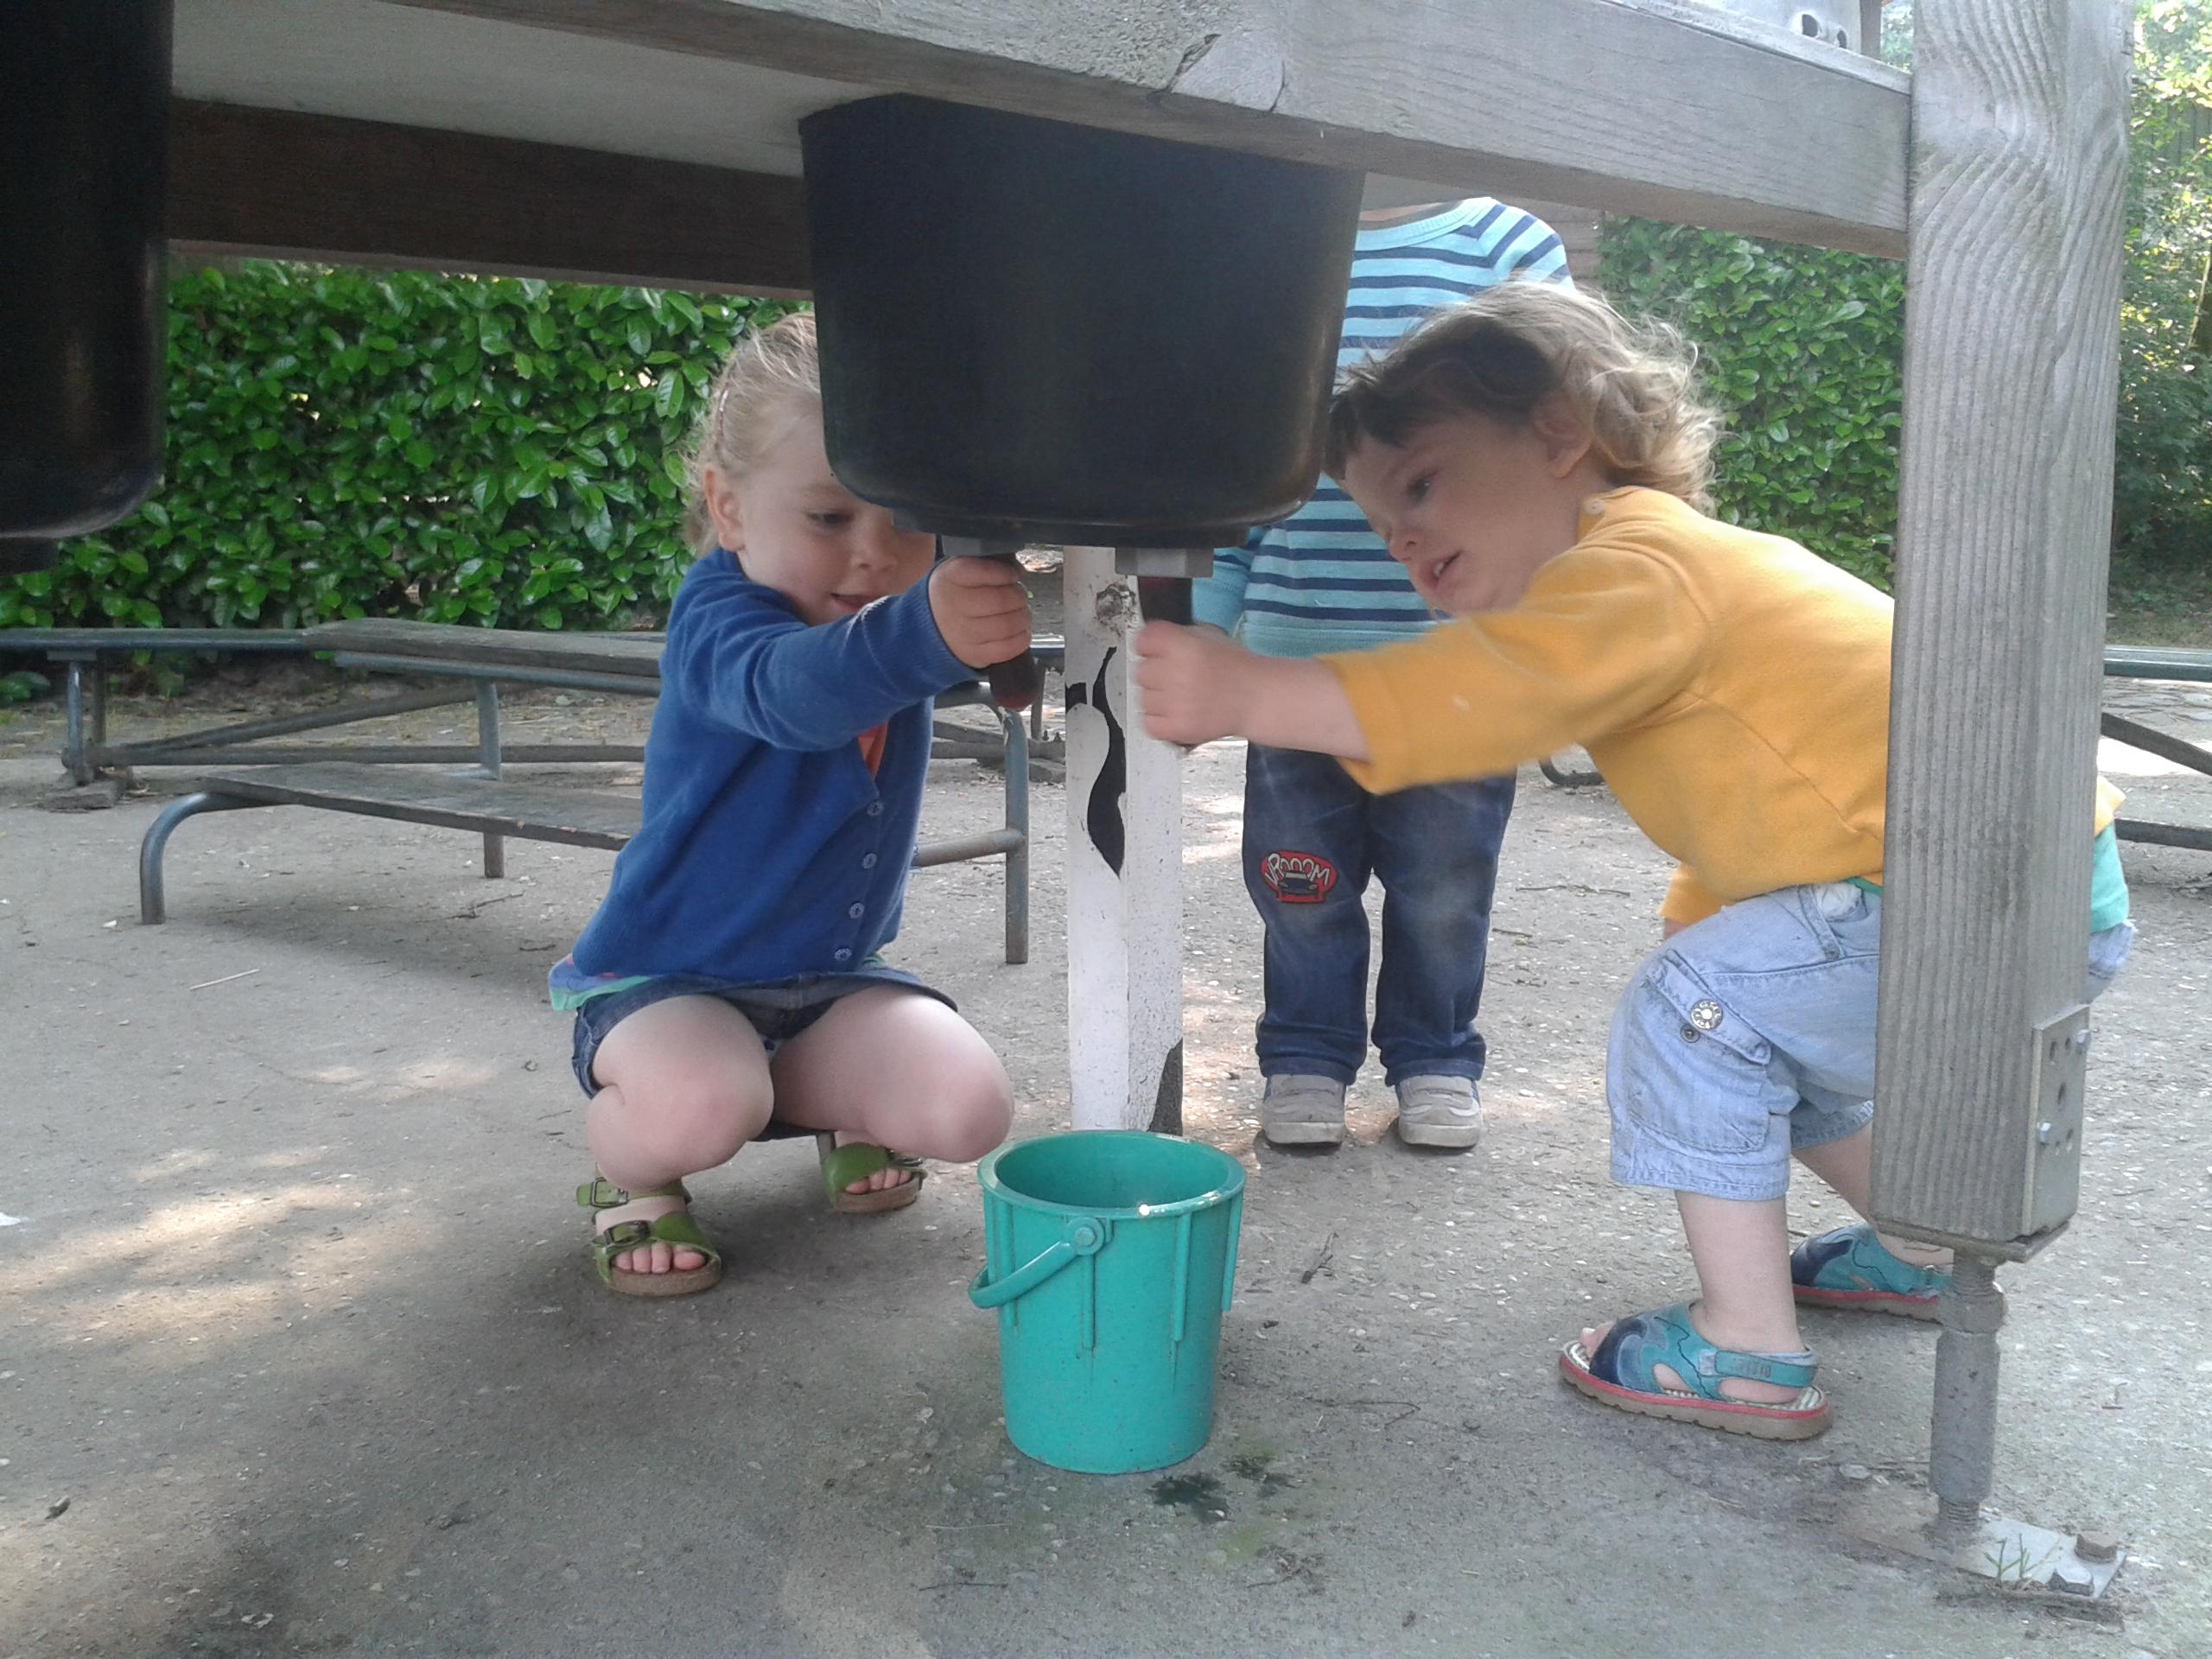 uitstapje naar de kinderboerderij met de grootste kindjes!